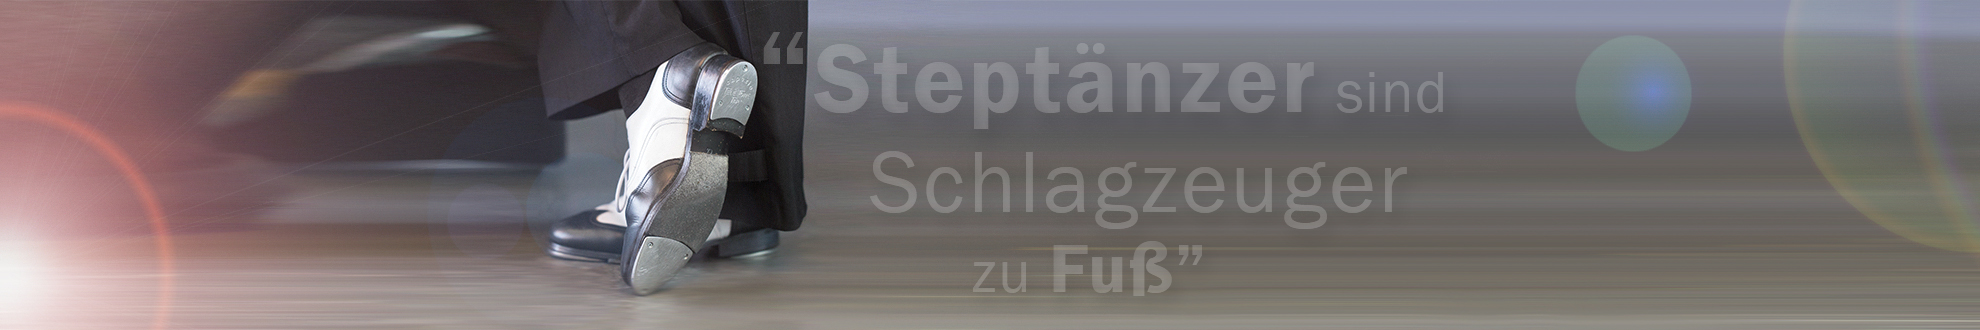 funtappers_header_schuh-schlagzeuger-zu-fuss